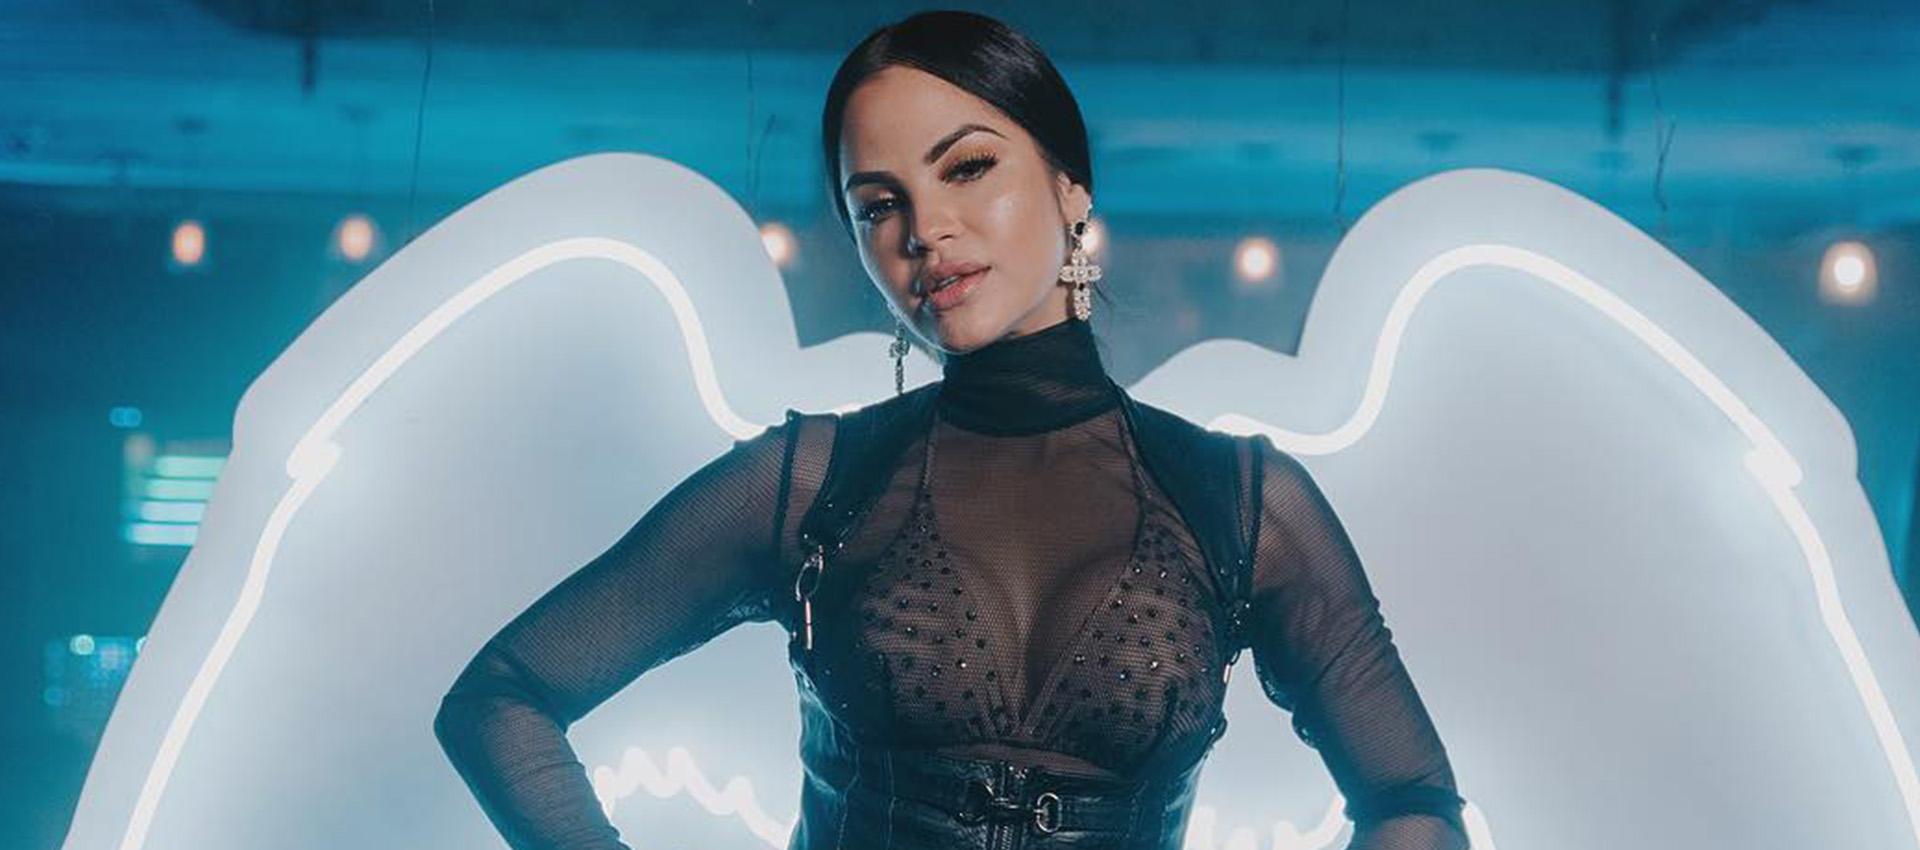 """Natti Natasha se Puso Hot en su Nuevo Video, """"Pa' Mala Yo"""""""